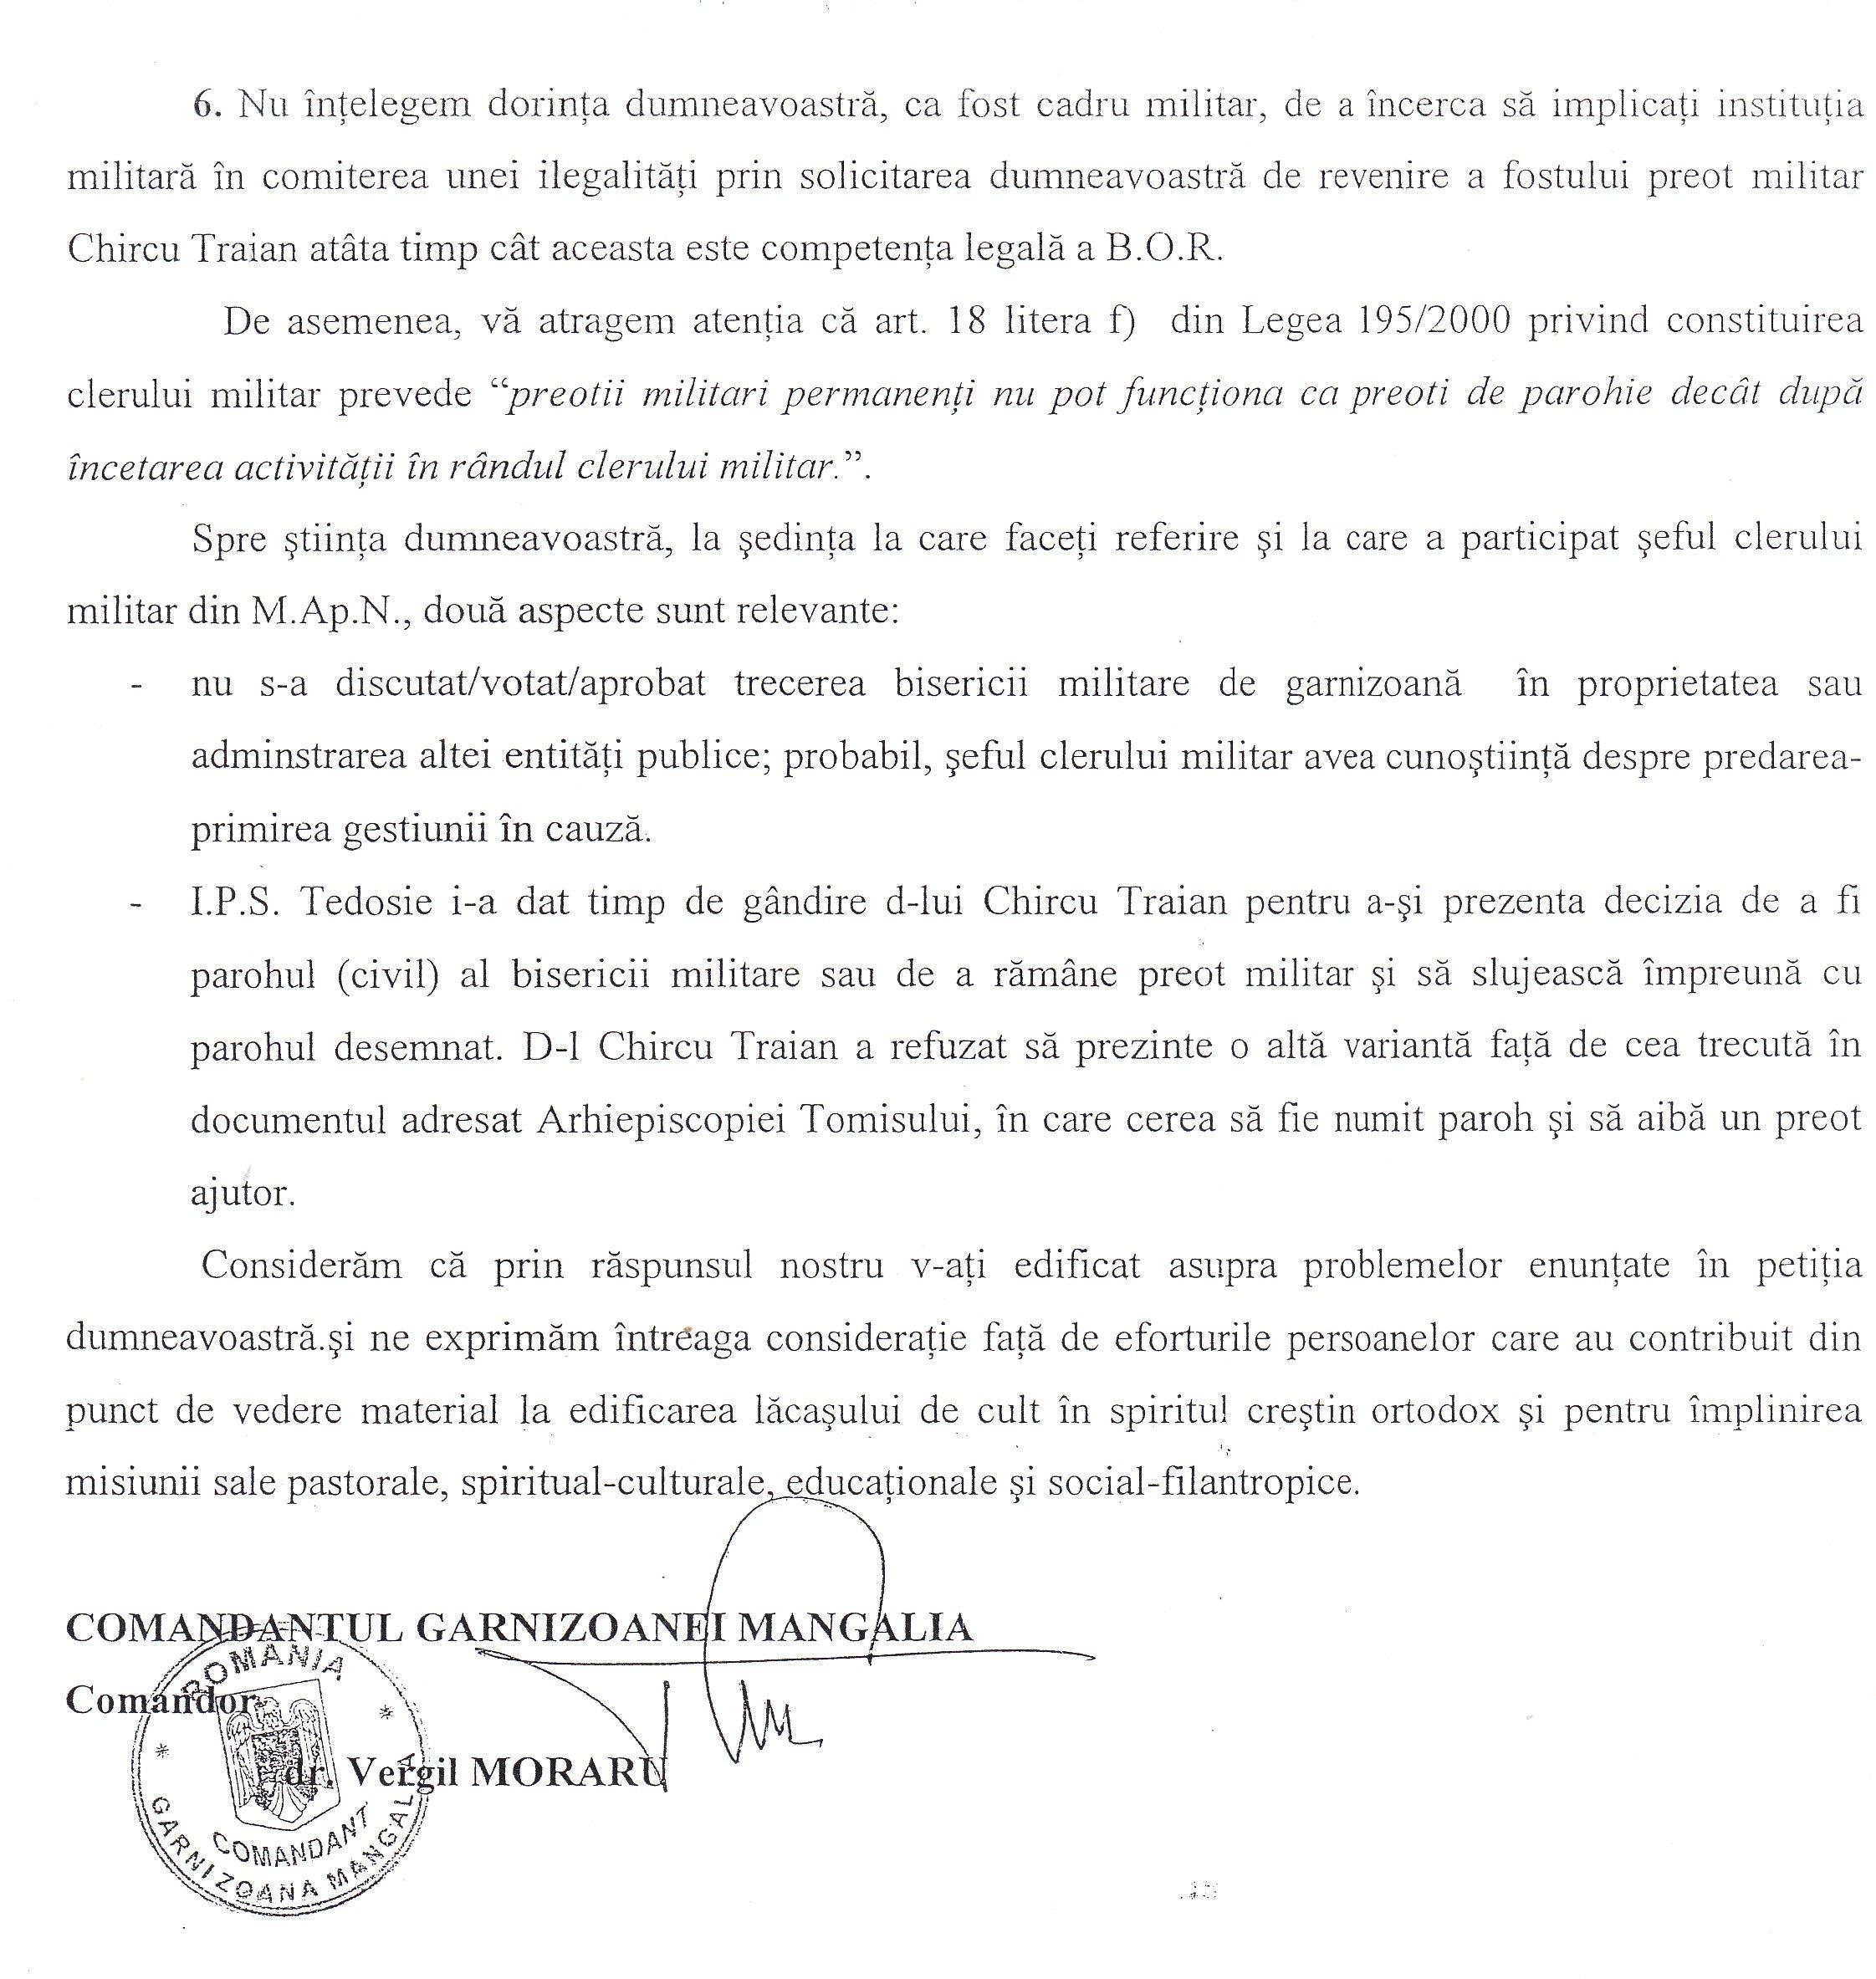 Scrisoarea de răspuns a c-dorului Vergil Moraru la acuzațiile grave primite de la maistrul militar (r) Ioan Ababei (pag. 3).